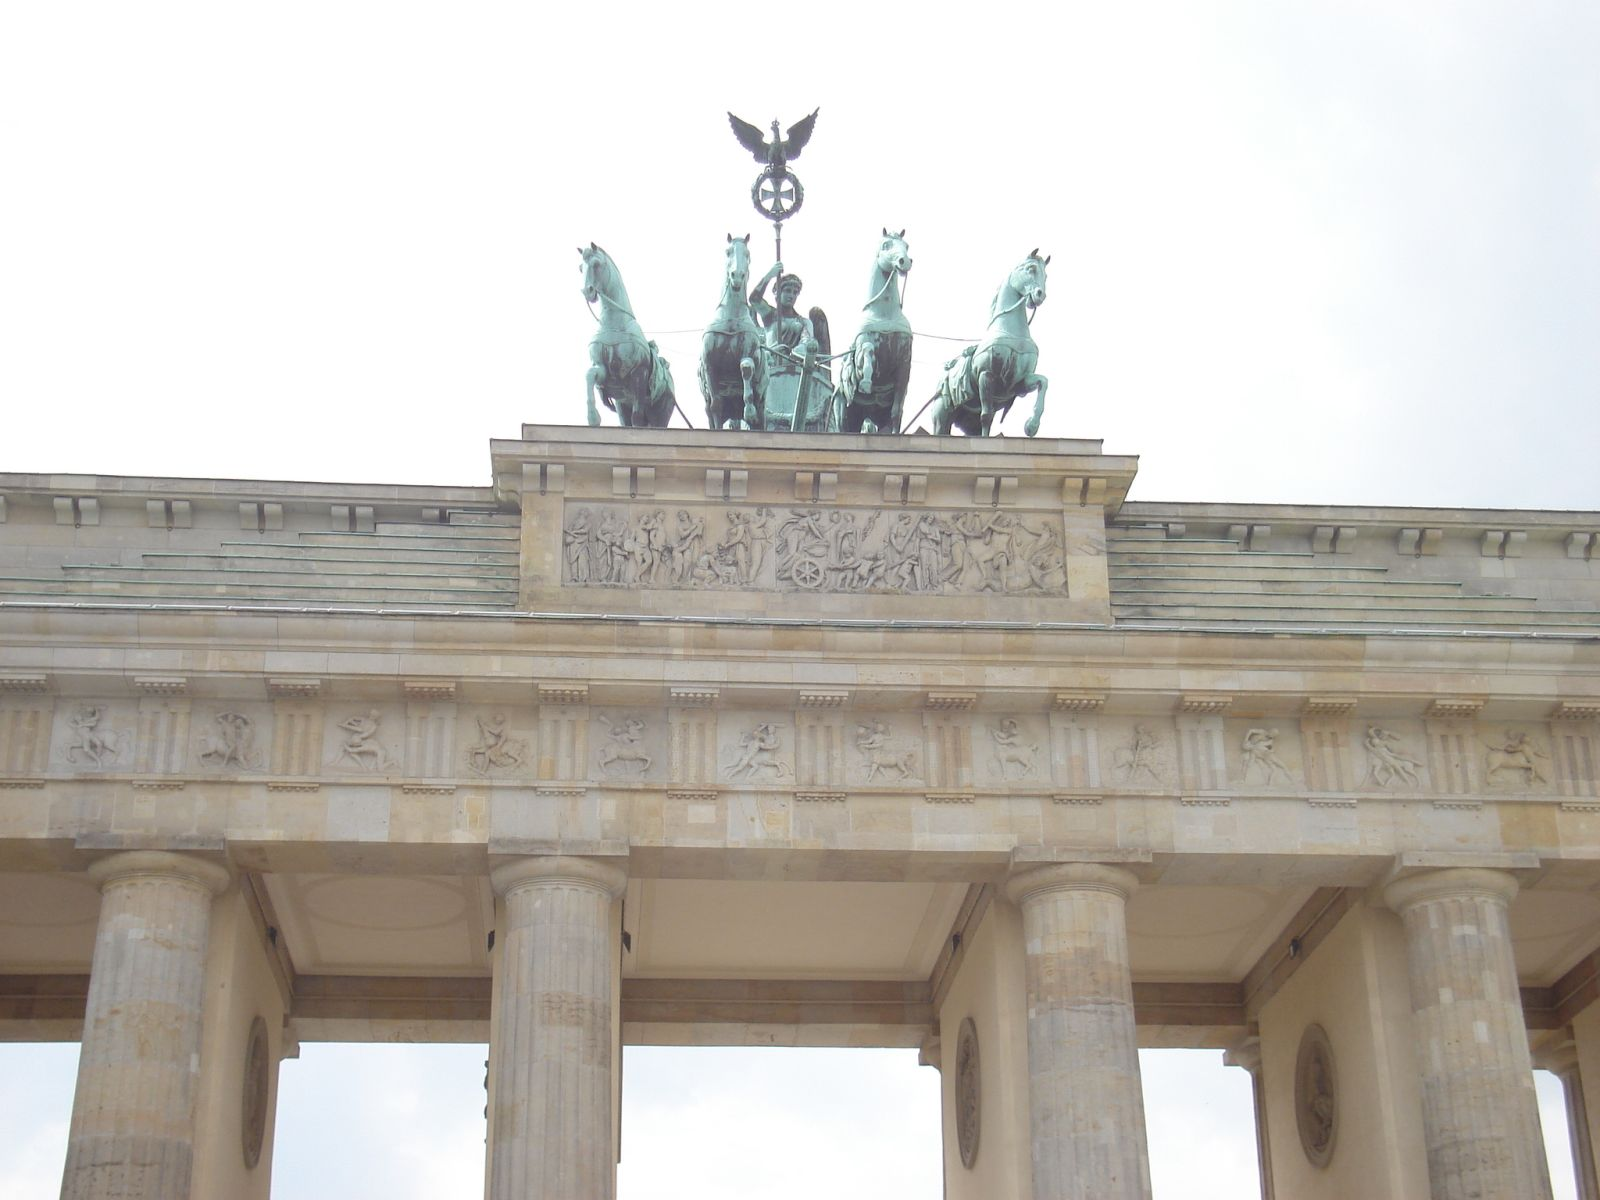 Na vrhu Brandenburških vrata, kip božice pravde u kočiji